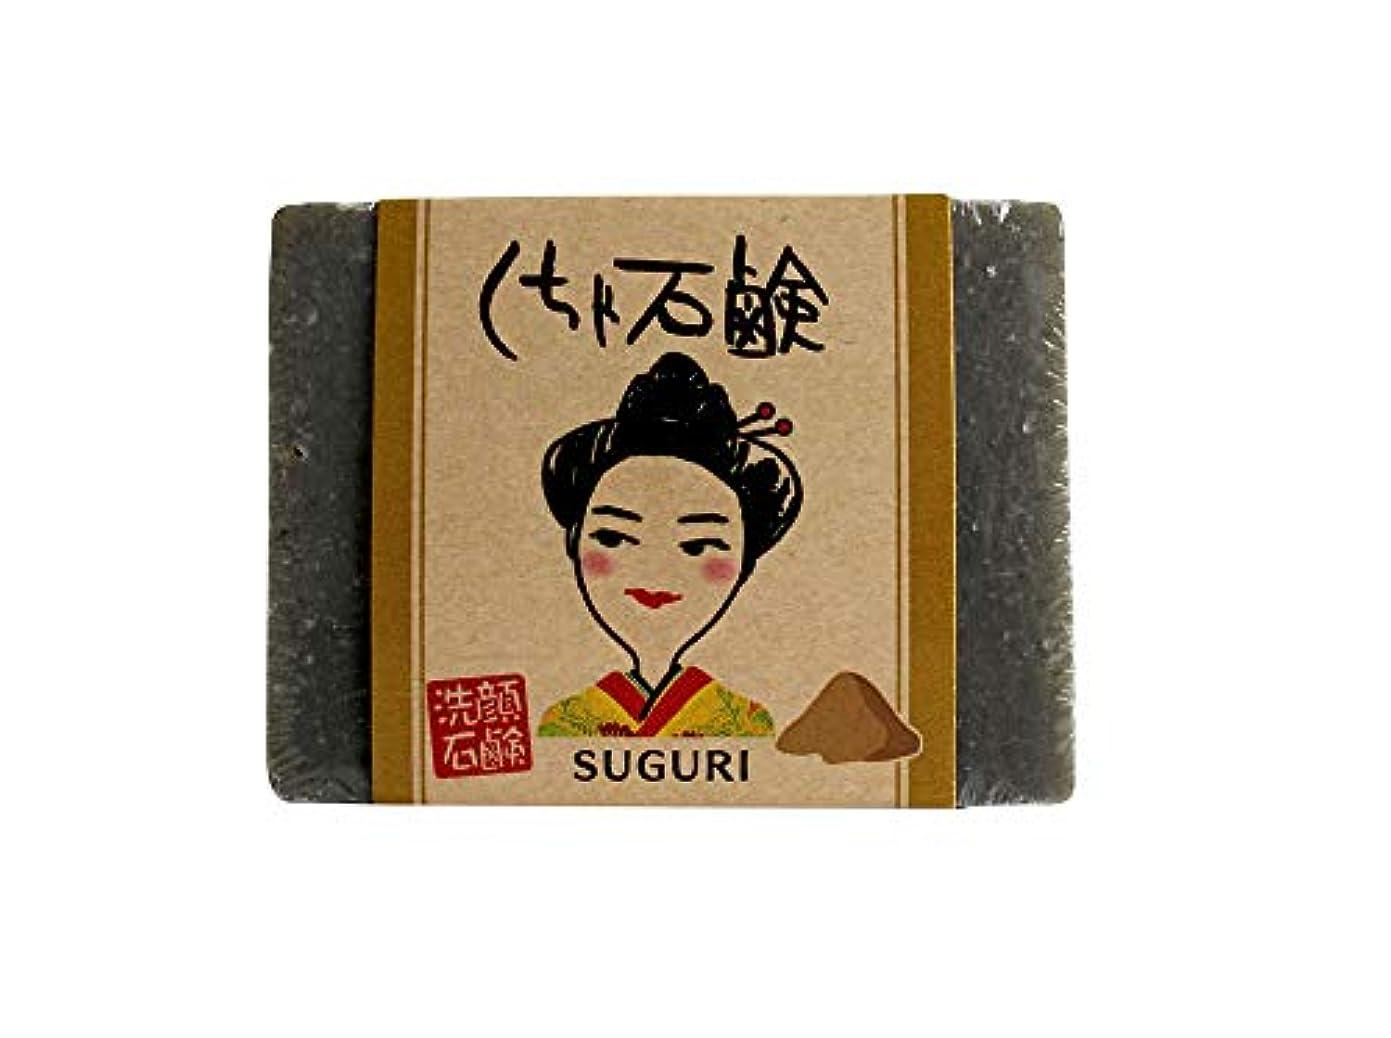 ぞっとするような緩める雪のSUGURI(スグリ) 沖縄の石鹸シリーズ くちゃ100g 洗顔